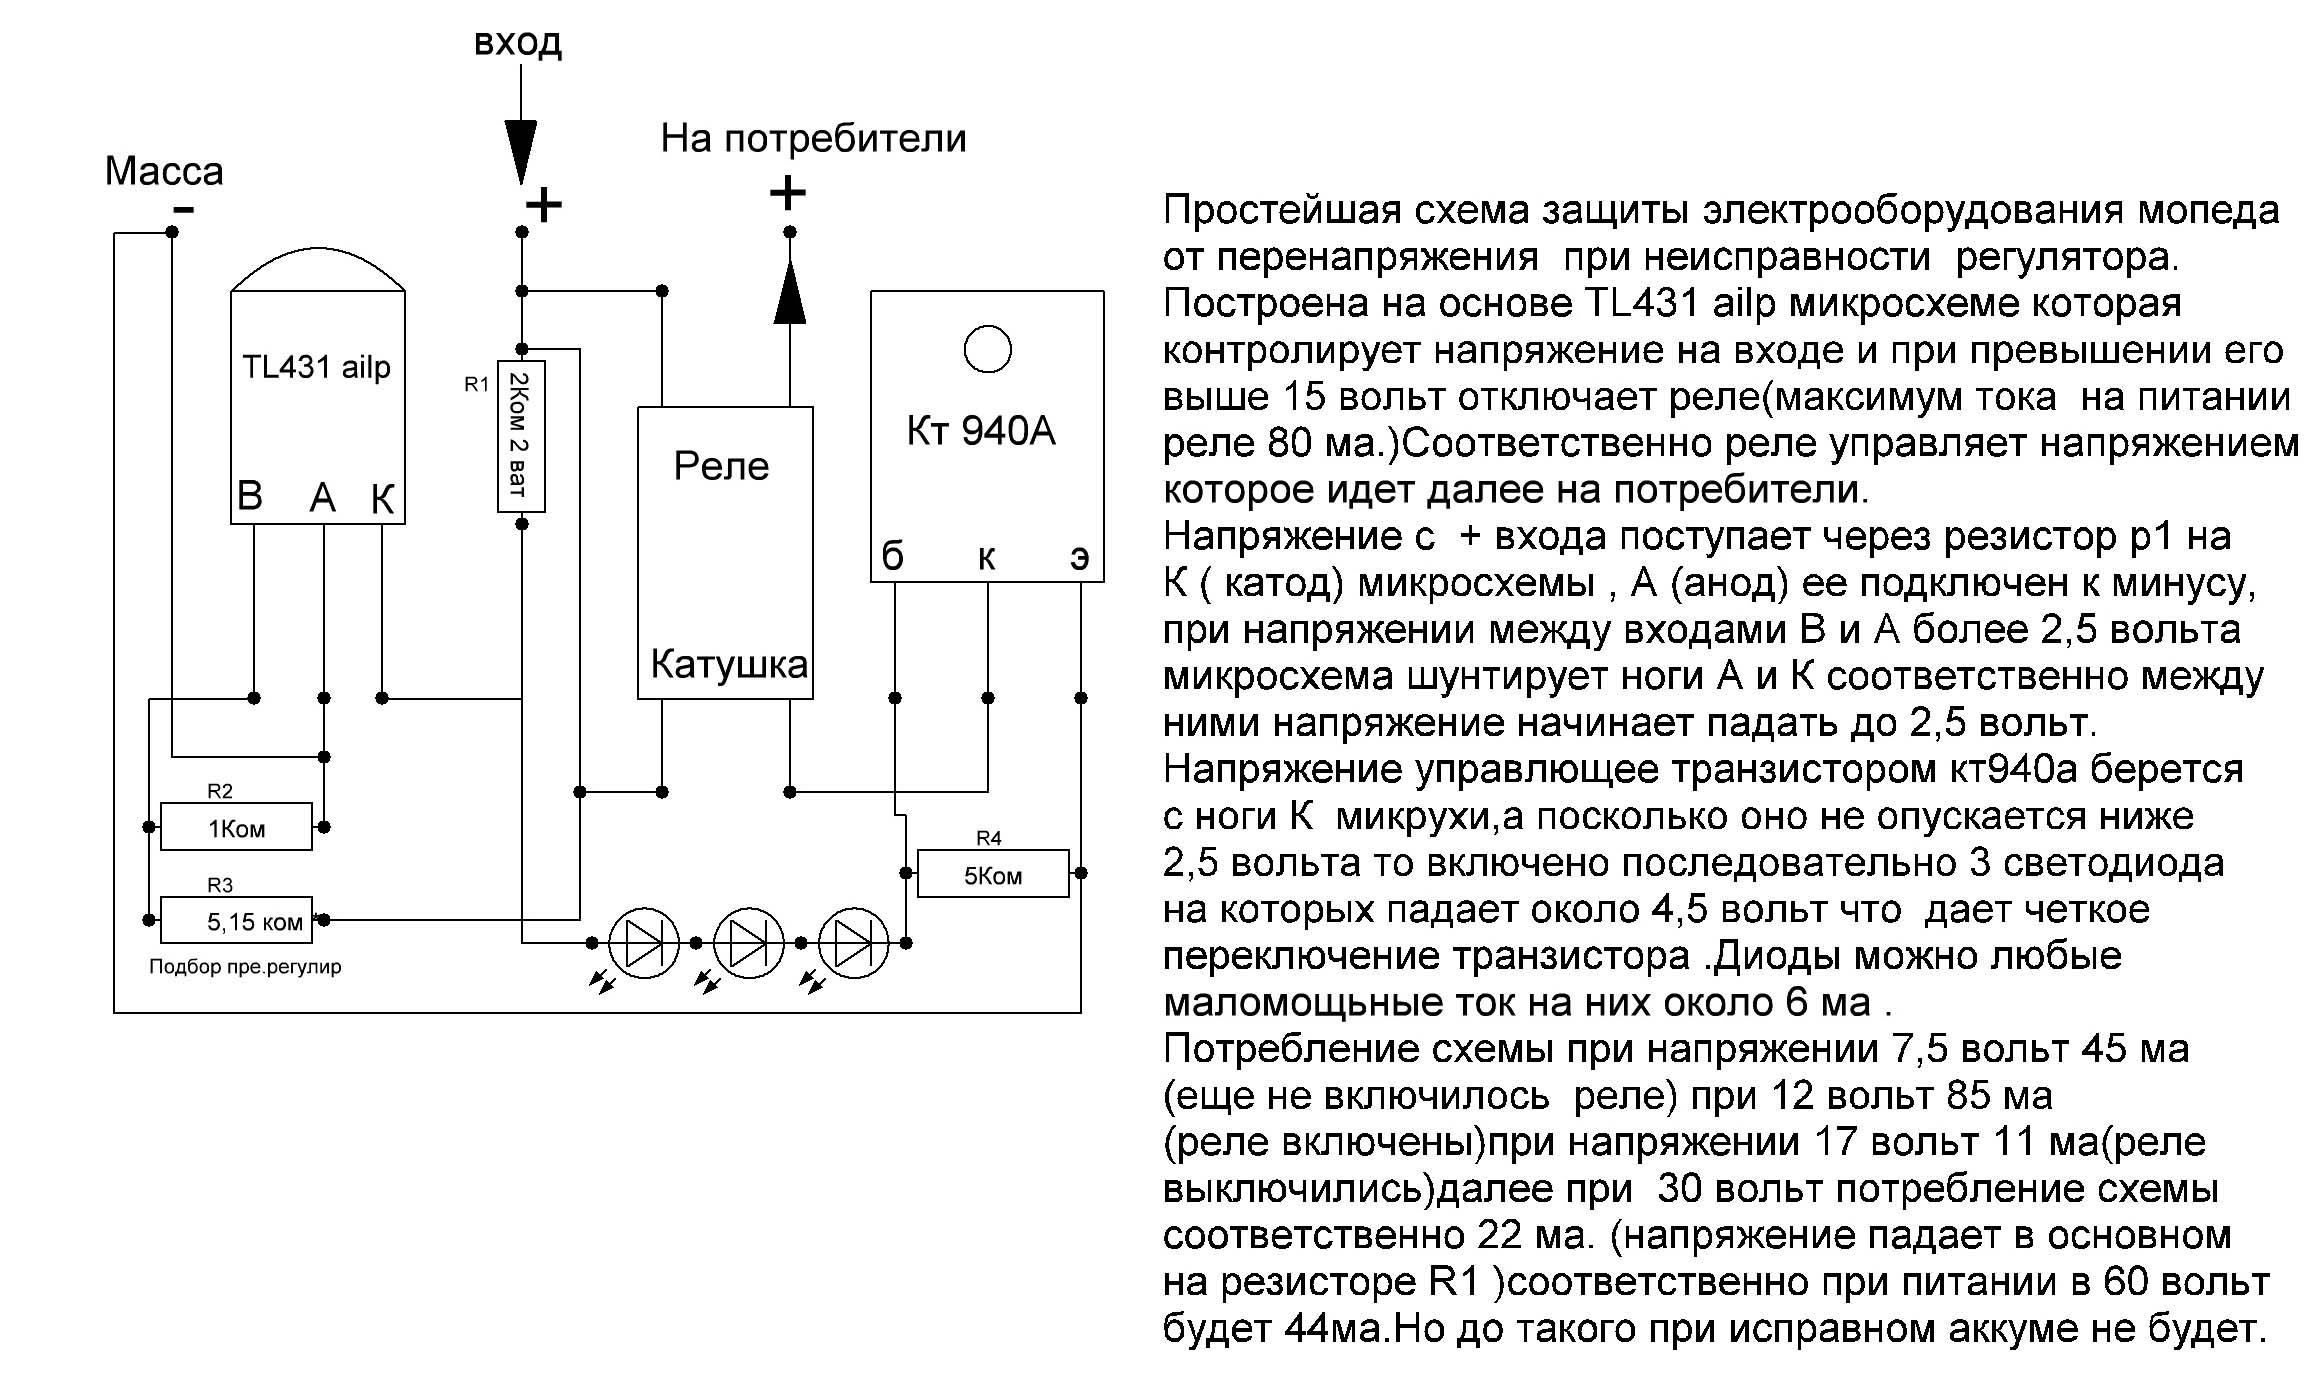 img-fotki.yandex.ru/get/962950/3782341.15/0_181422_fe93b0ed_orig.jpg